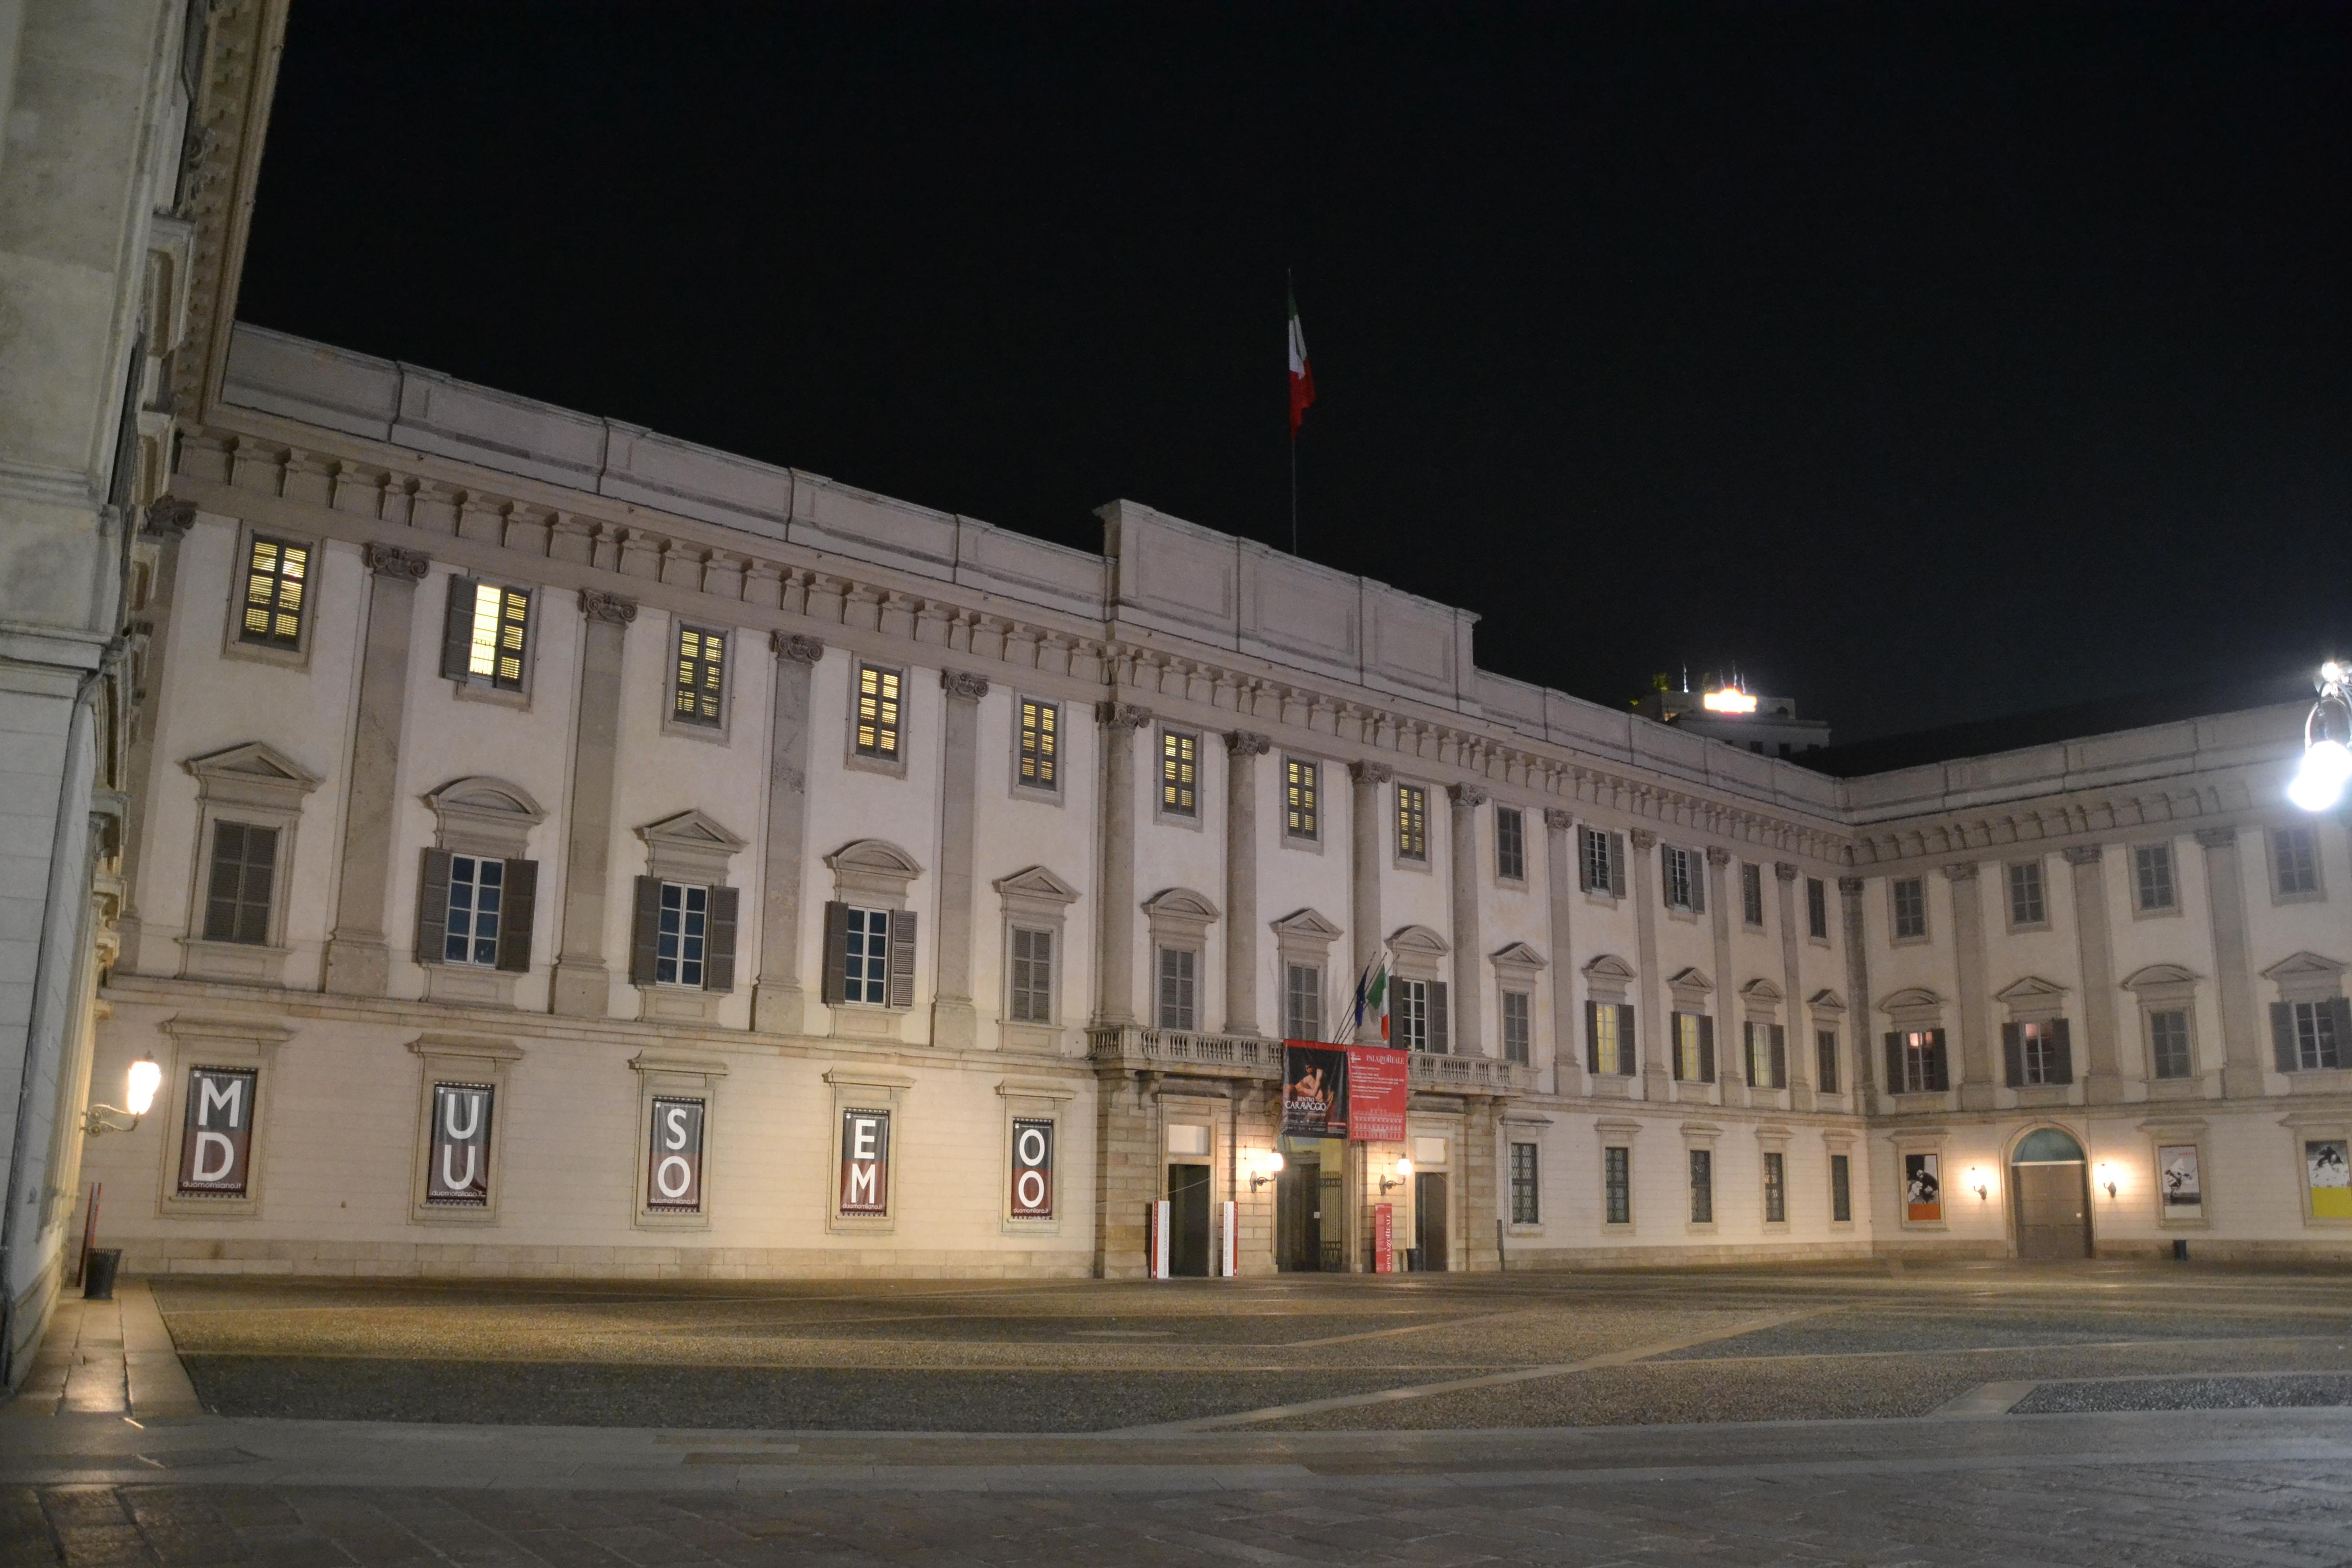 ff20c5e1d193 Palazzo Reale (Milano) - Wikipedia